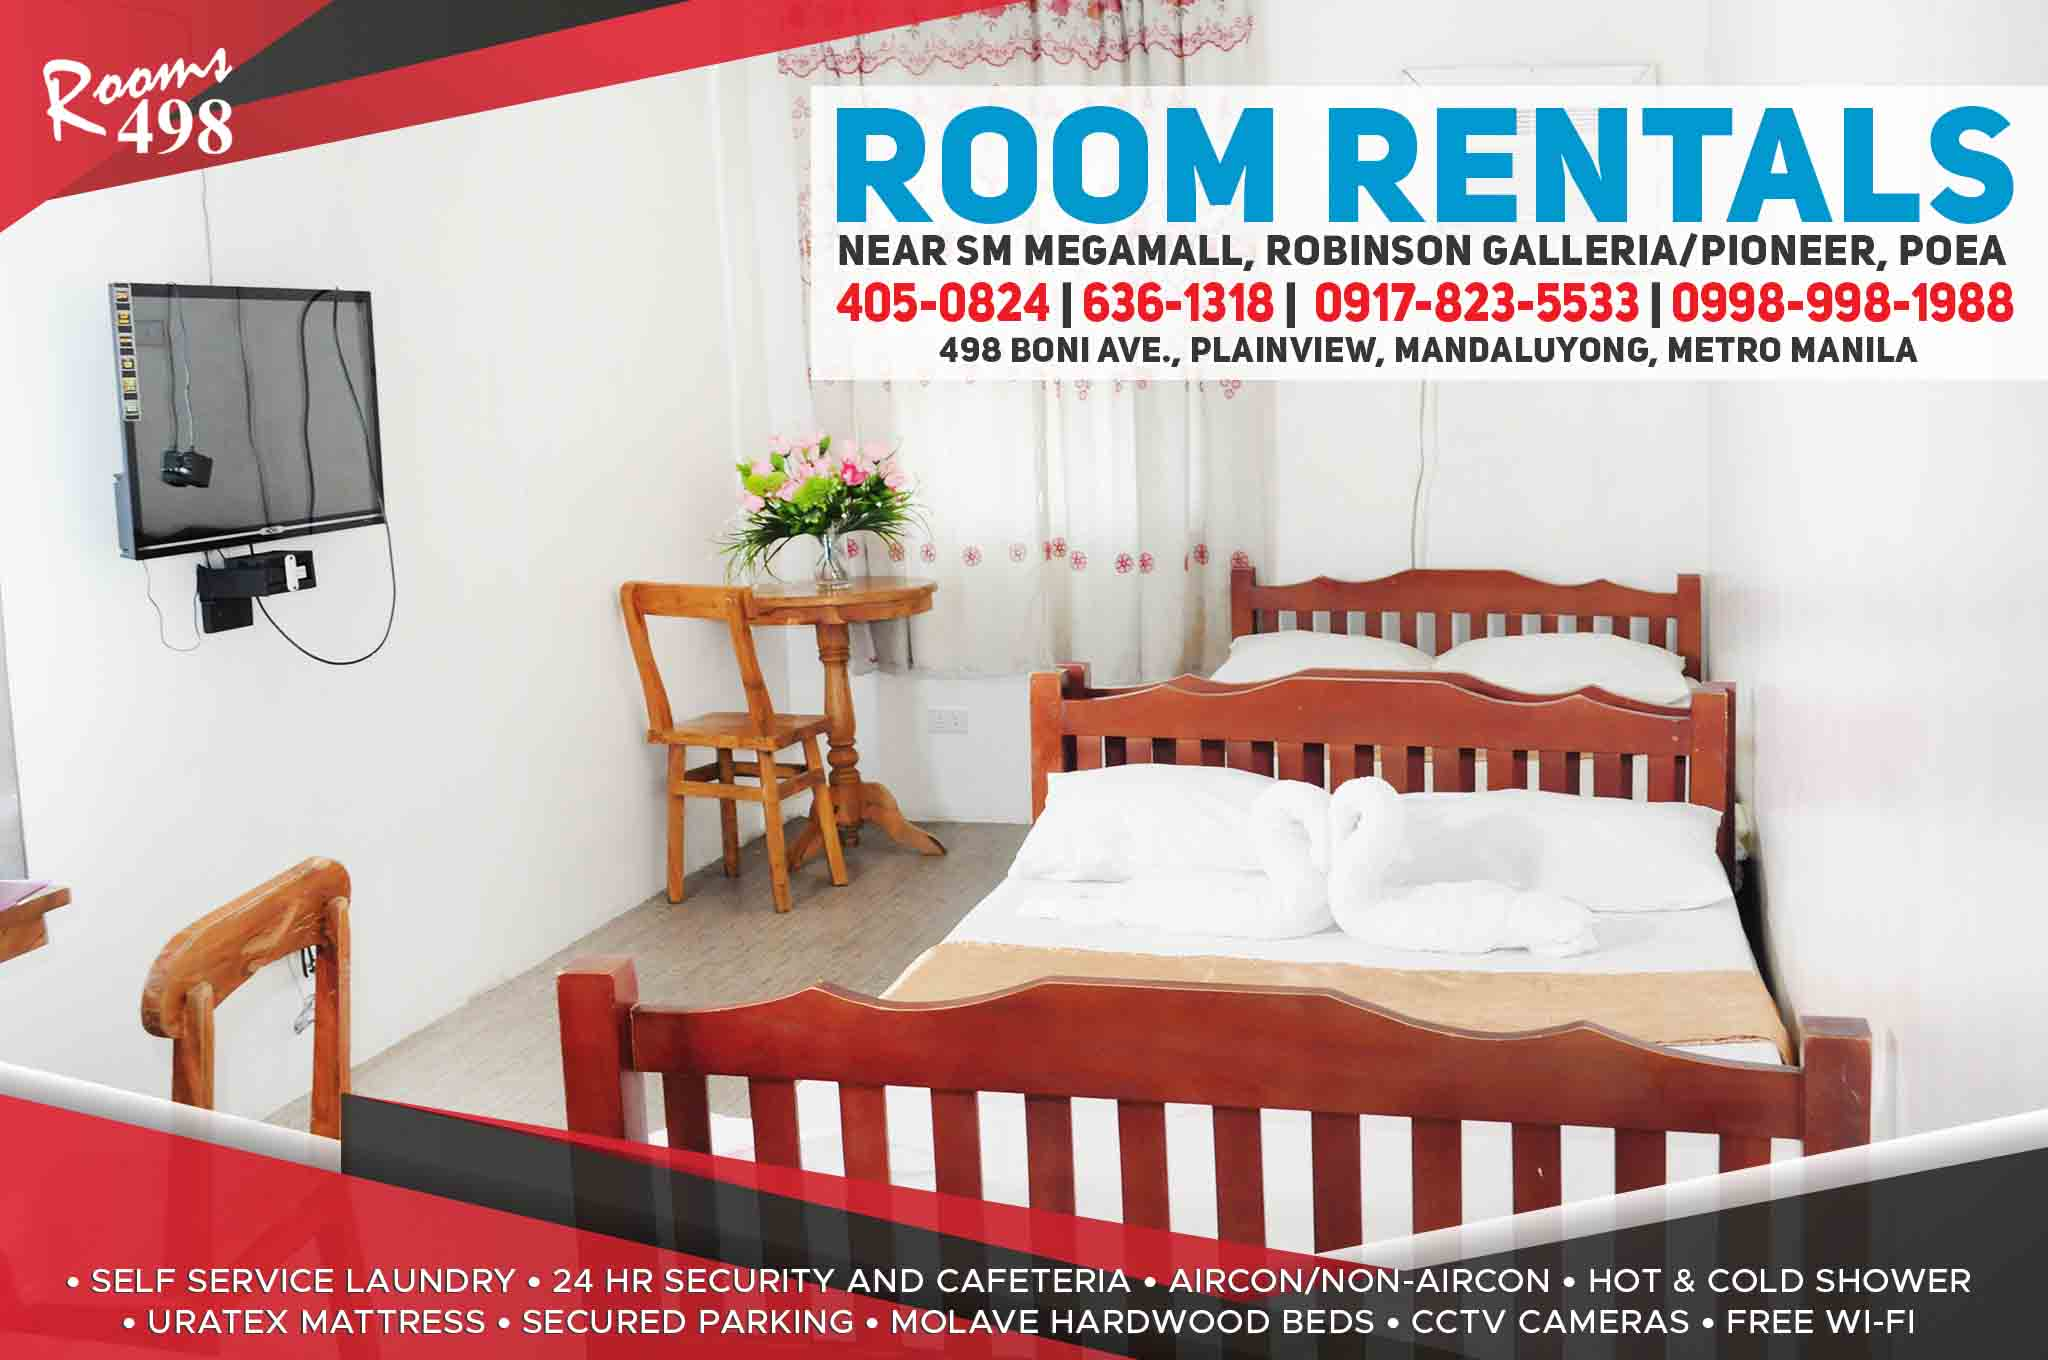 ROOMS498.COM ROOM RENTALS